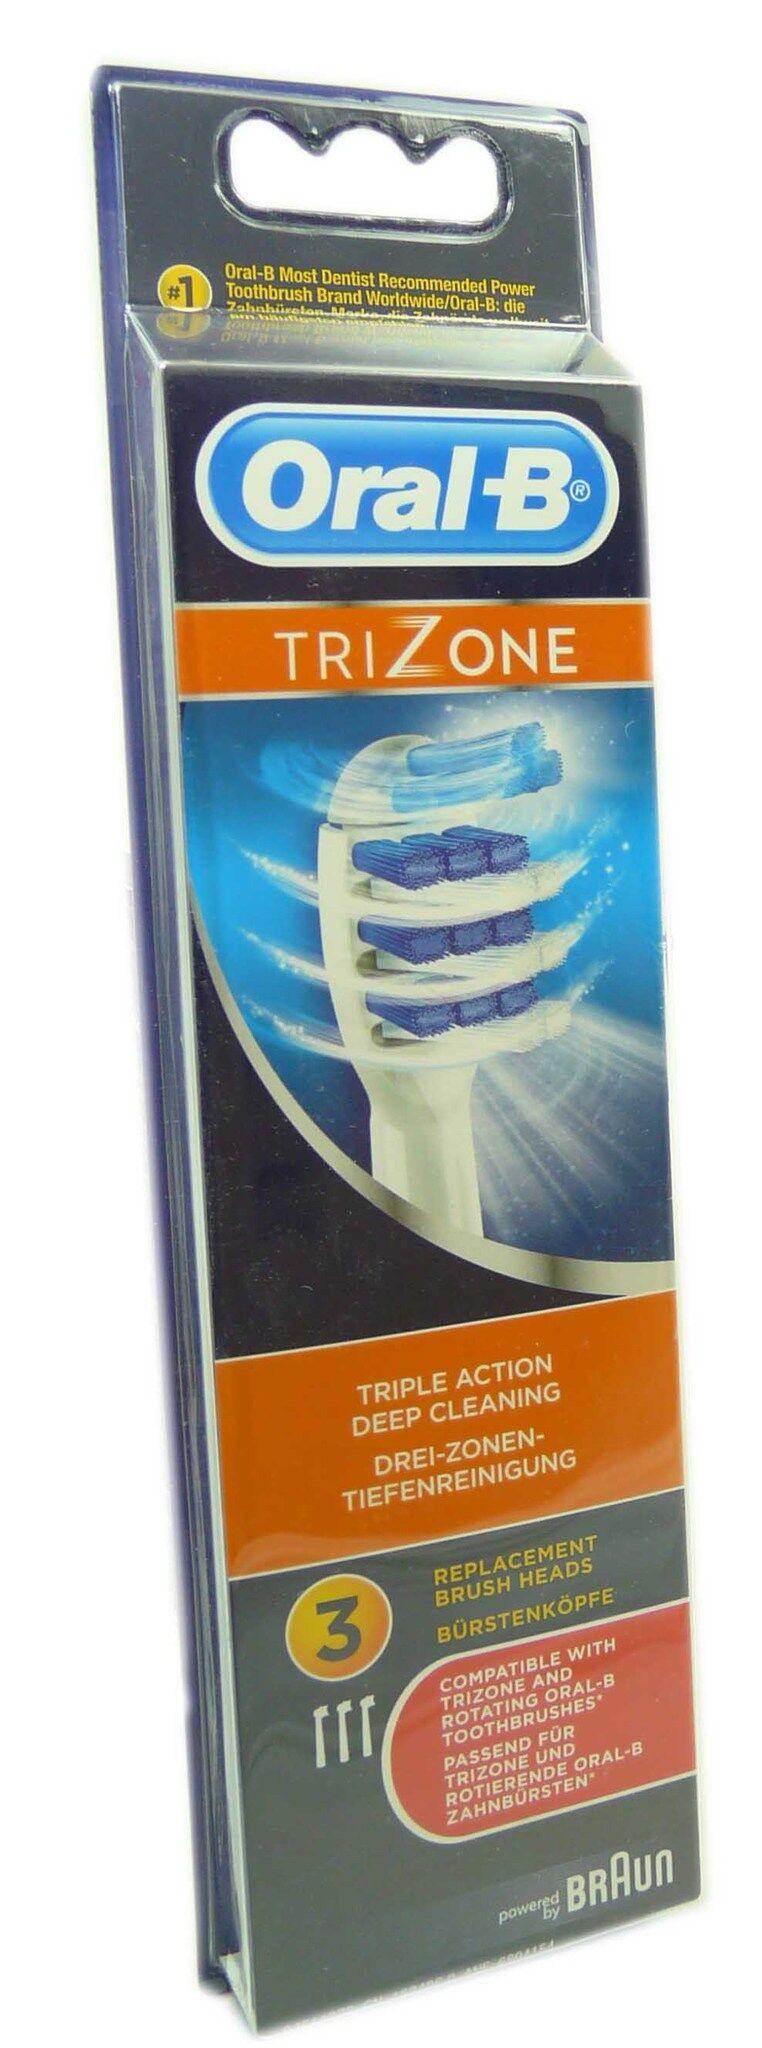 Oral b brosse trizone eb30 bt 3